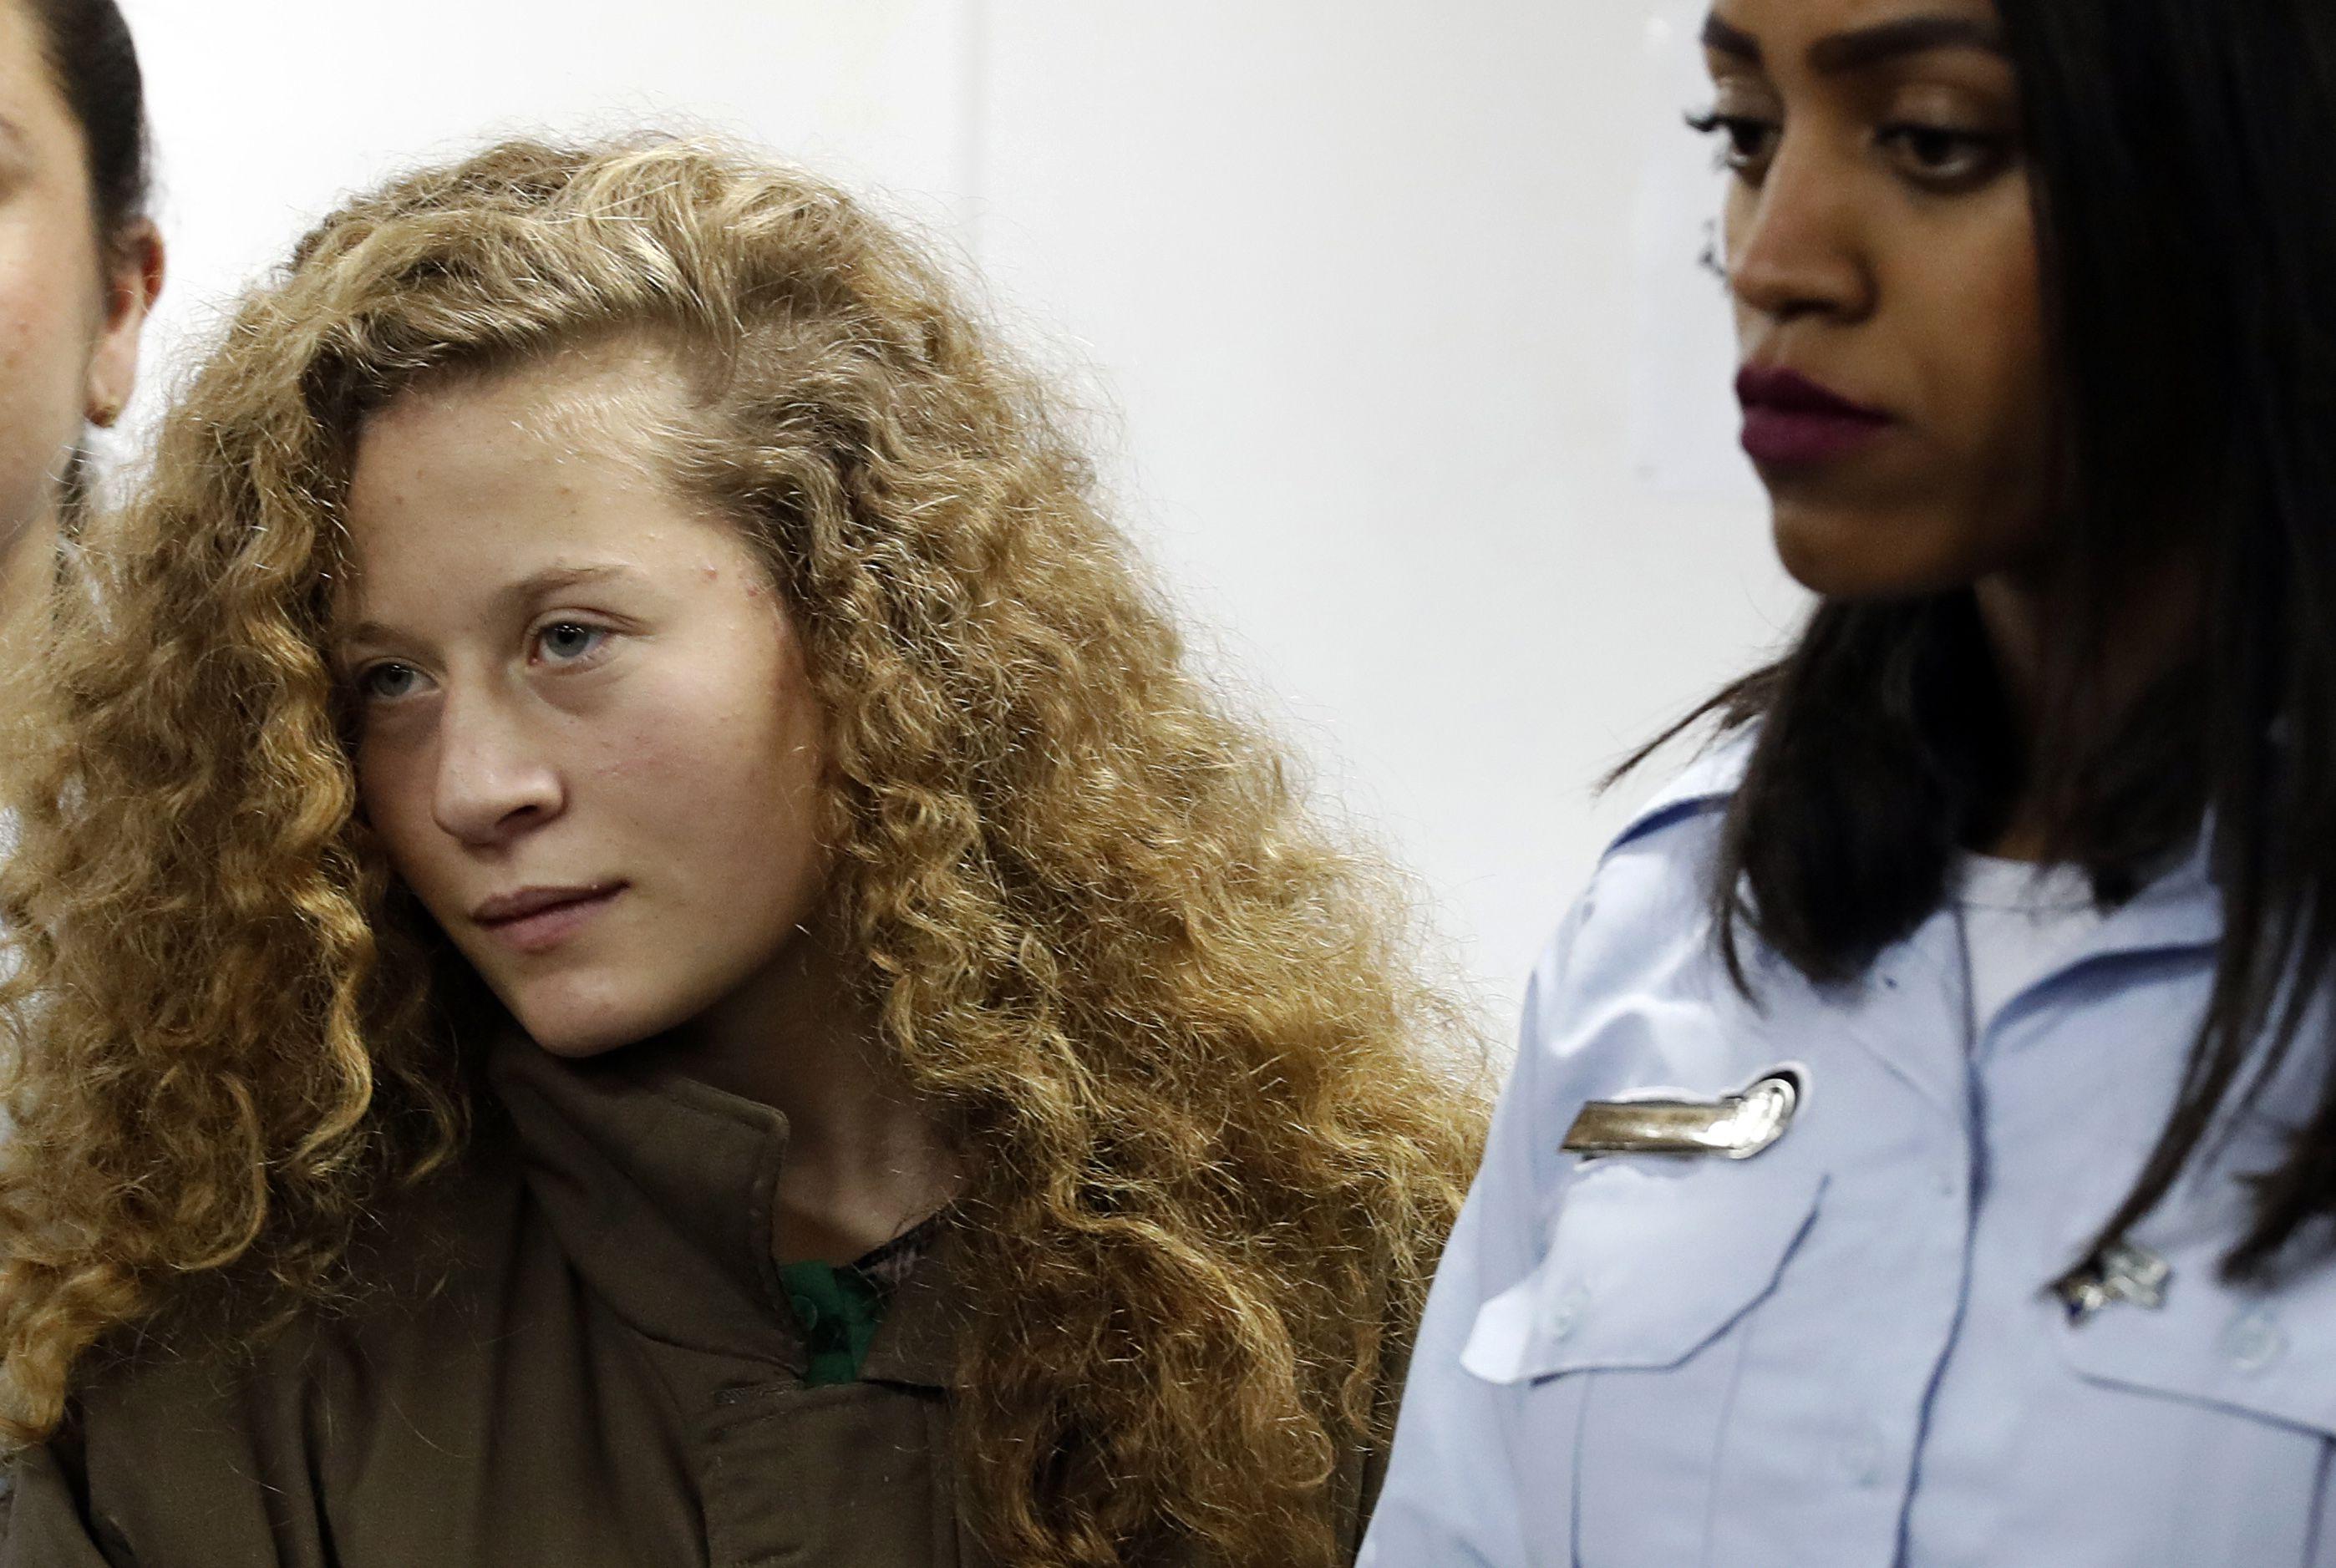 Adolescente palestina que agrediu soldados israelenses é condenada